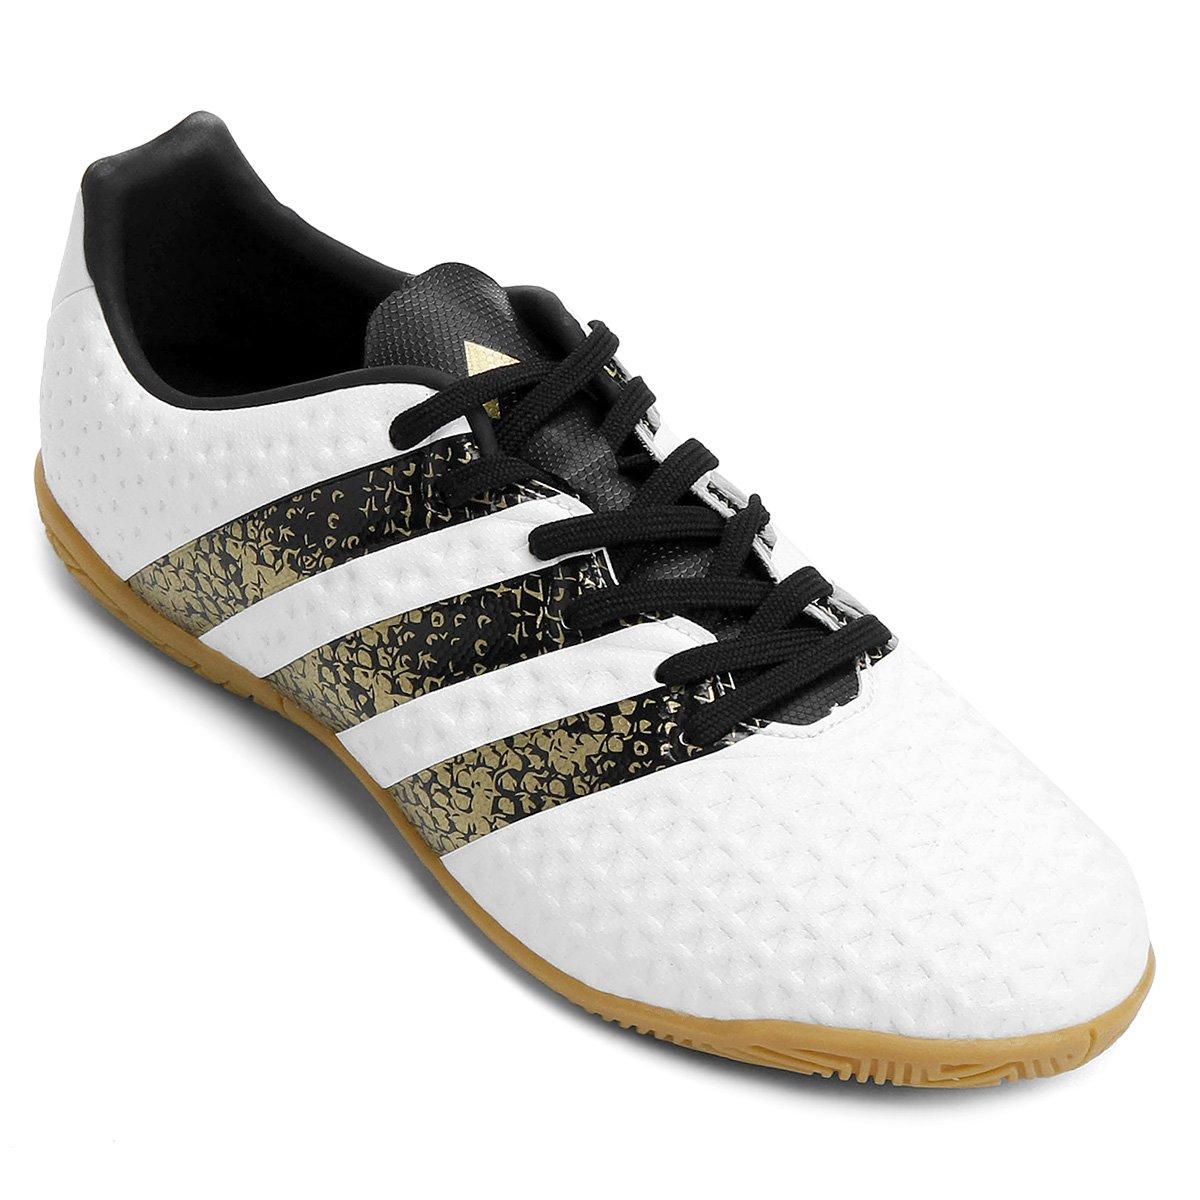 ... Chuteira Futsal Juvenil Adidas Ace 16.4 IN - Branco e Preto - Compre . 88f4475e3ec11